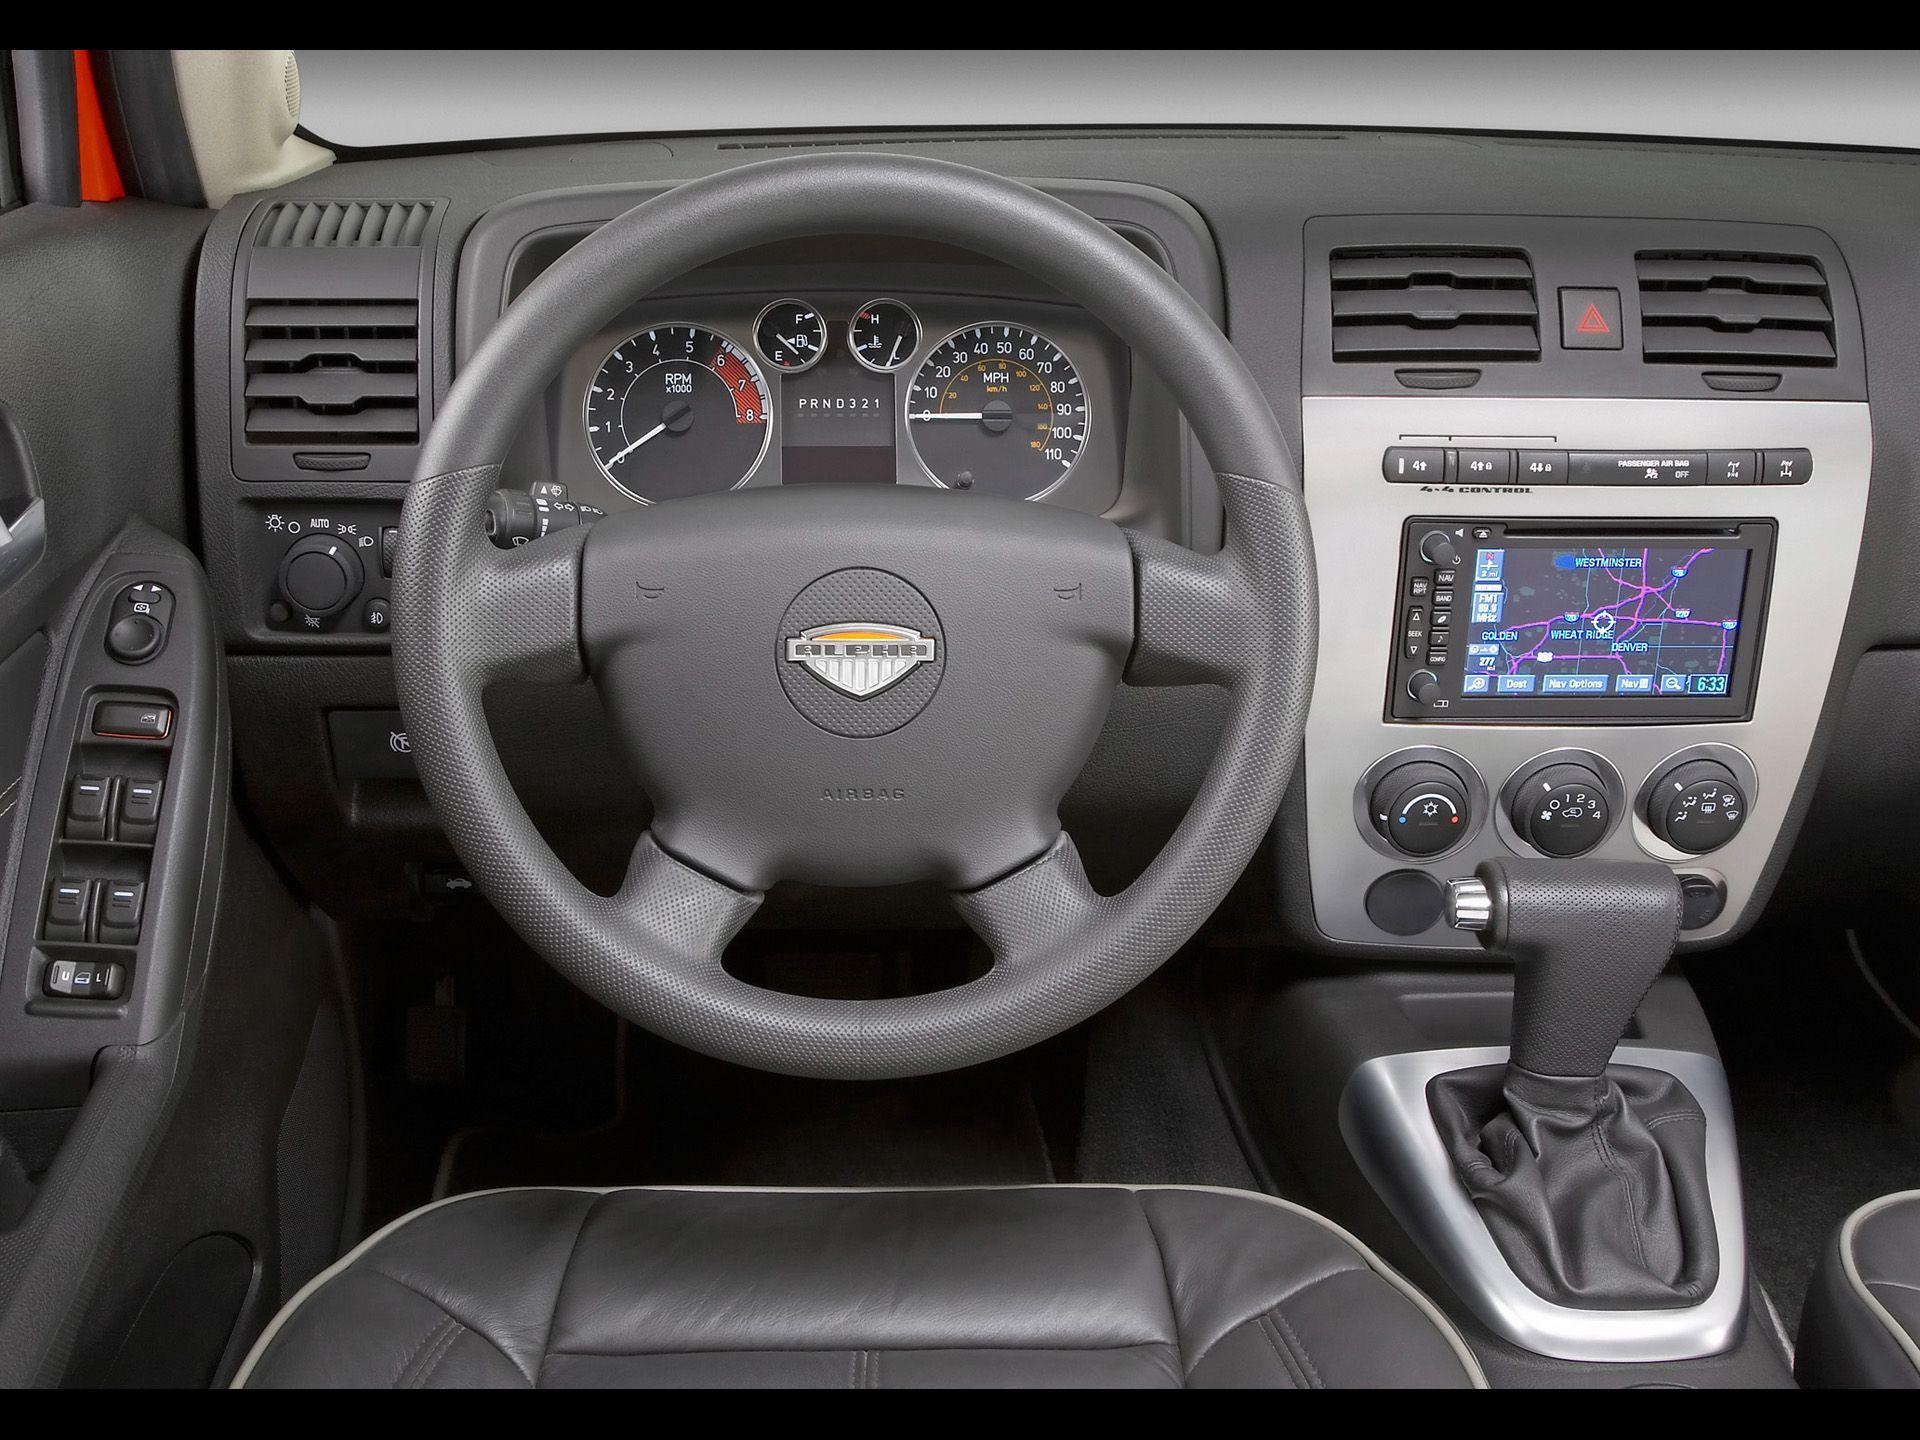 Hummer H3 Alpha interior | Hummers | Pinterest | Hummer, Hummer h3 ...